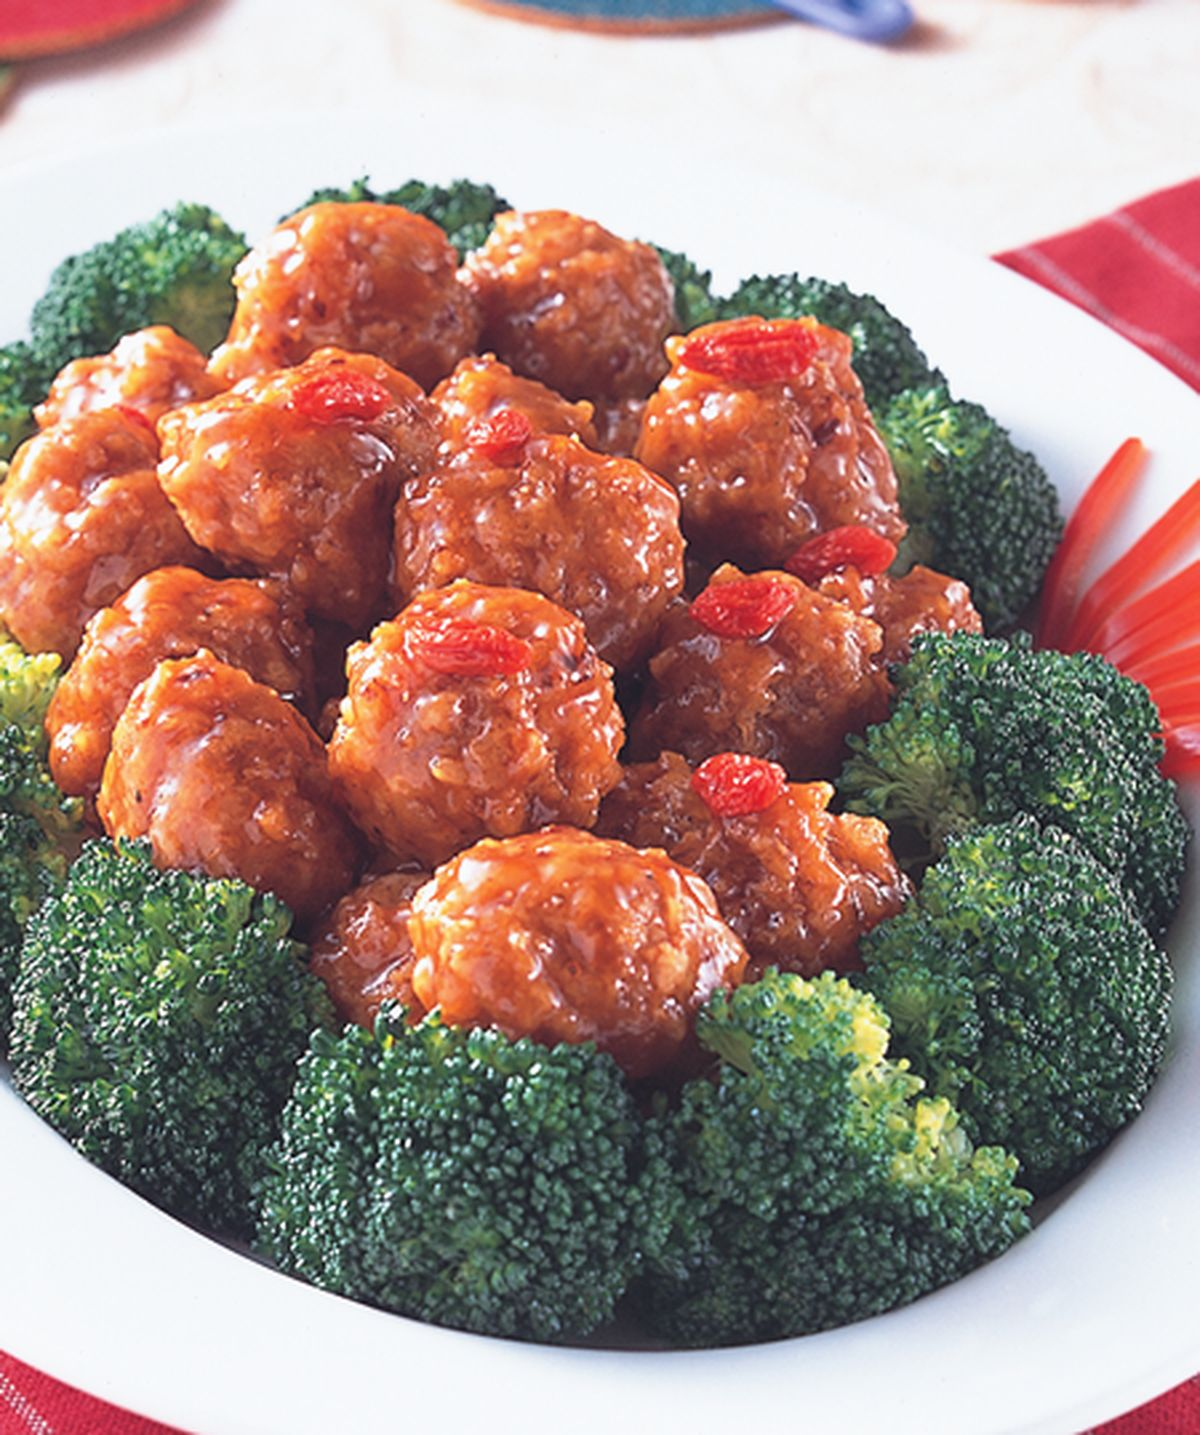 食譜:糖醋丸子(1)